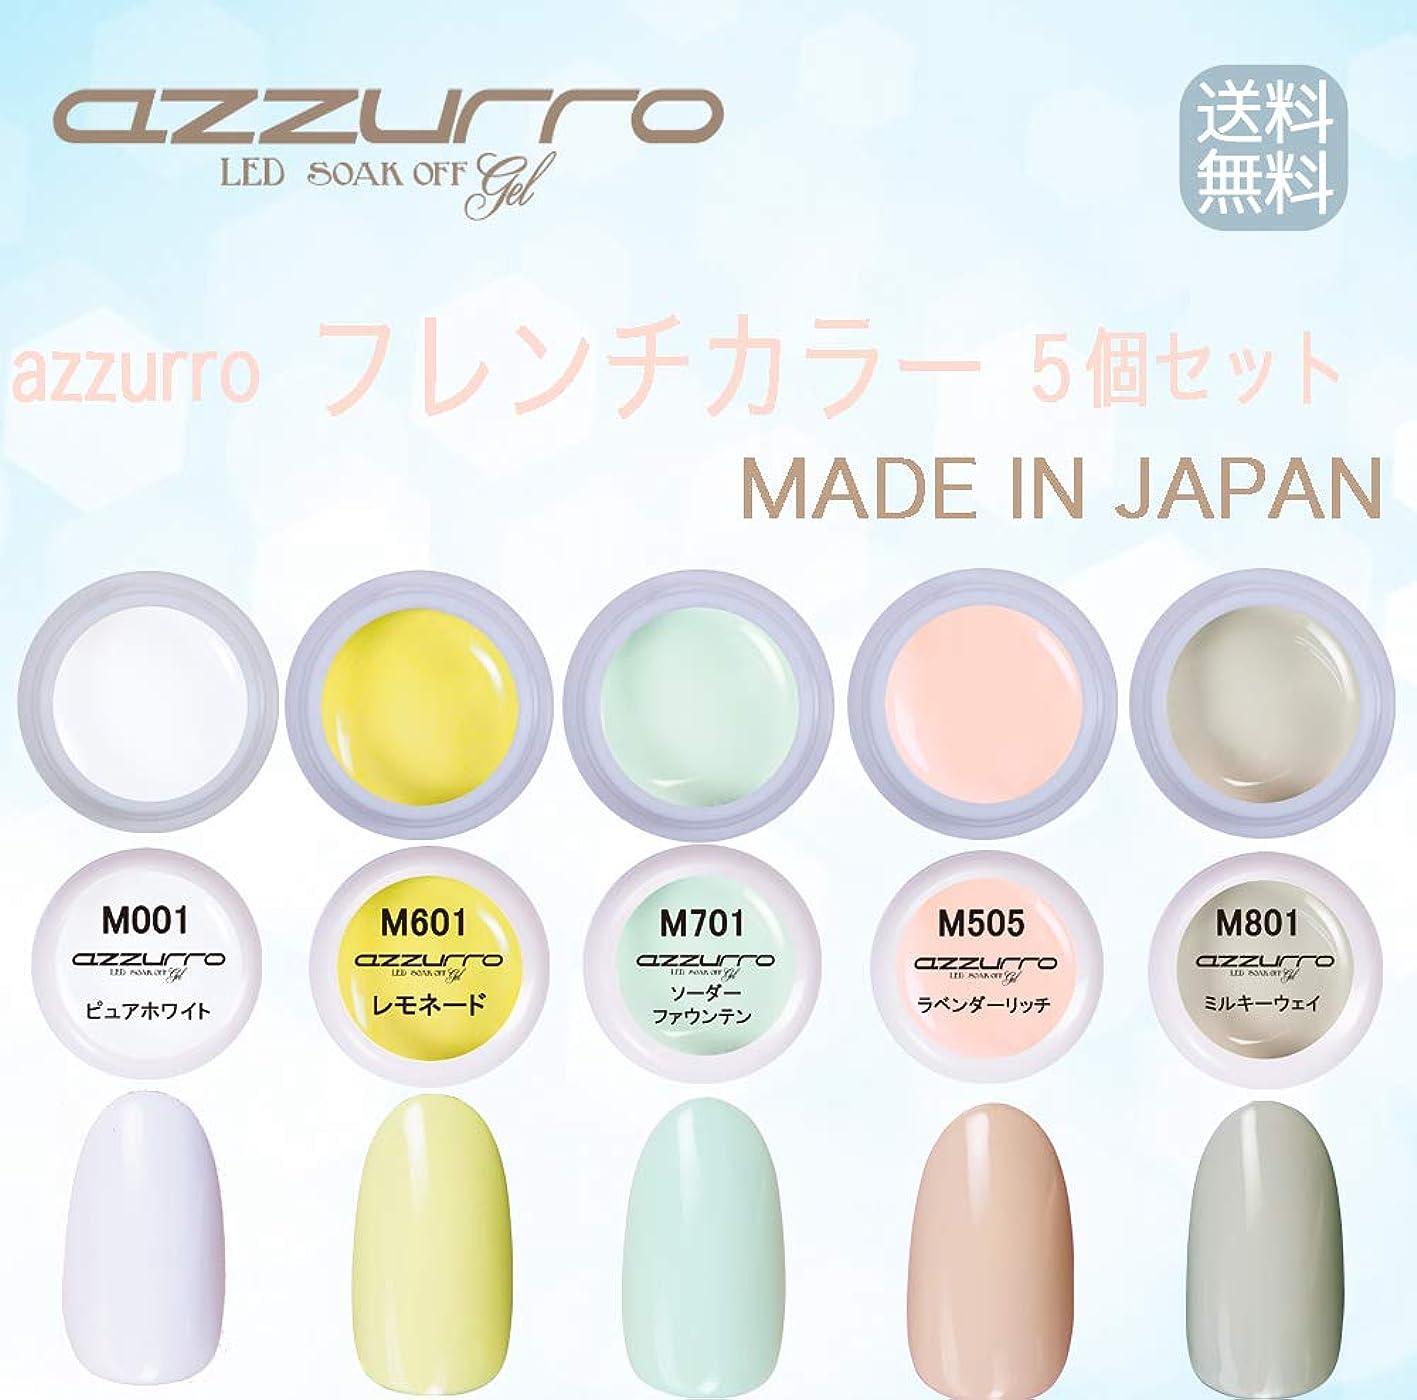 減衰グレートオーク航空【送料無料】日本製 azzurro gel フレンチカラージェル5個セット 春にピッタリでかわいいフレンチネイルにピッタリなカラー